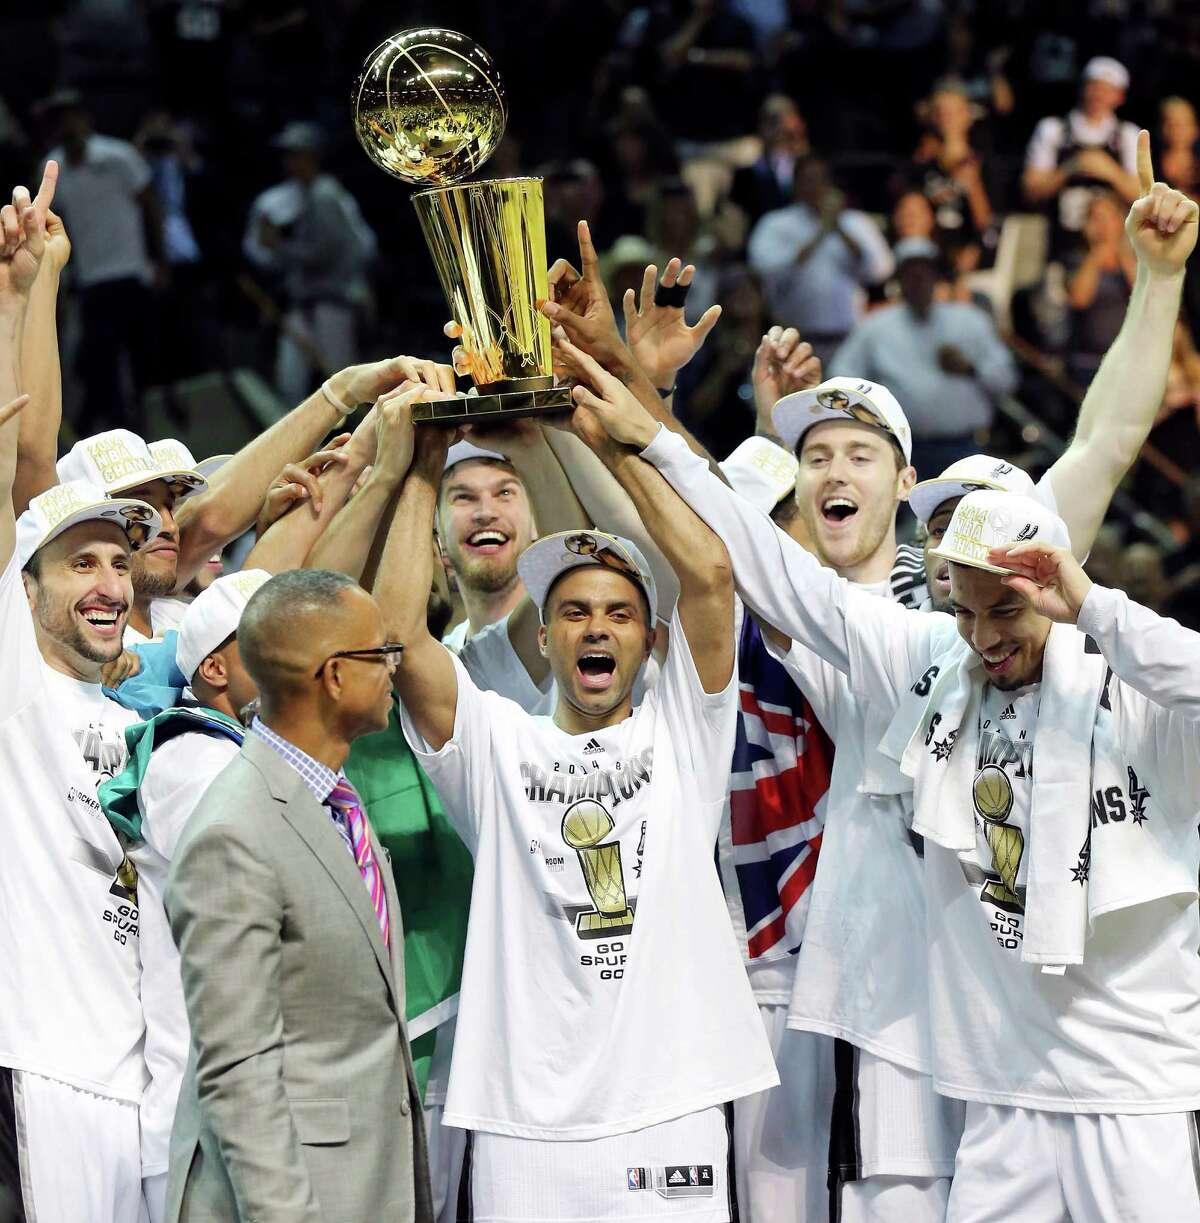 T5. San Antonio: 5 NBA: 5 (Spurs 1999, 2003, 2005, 2007, 2014)